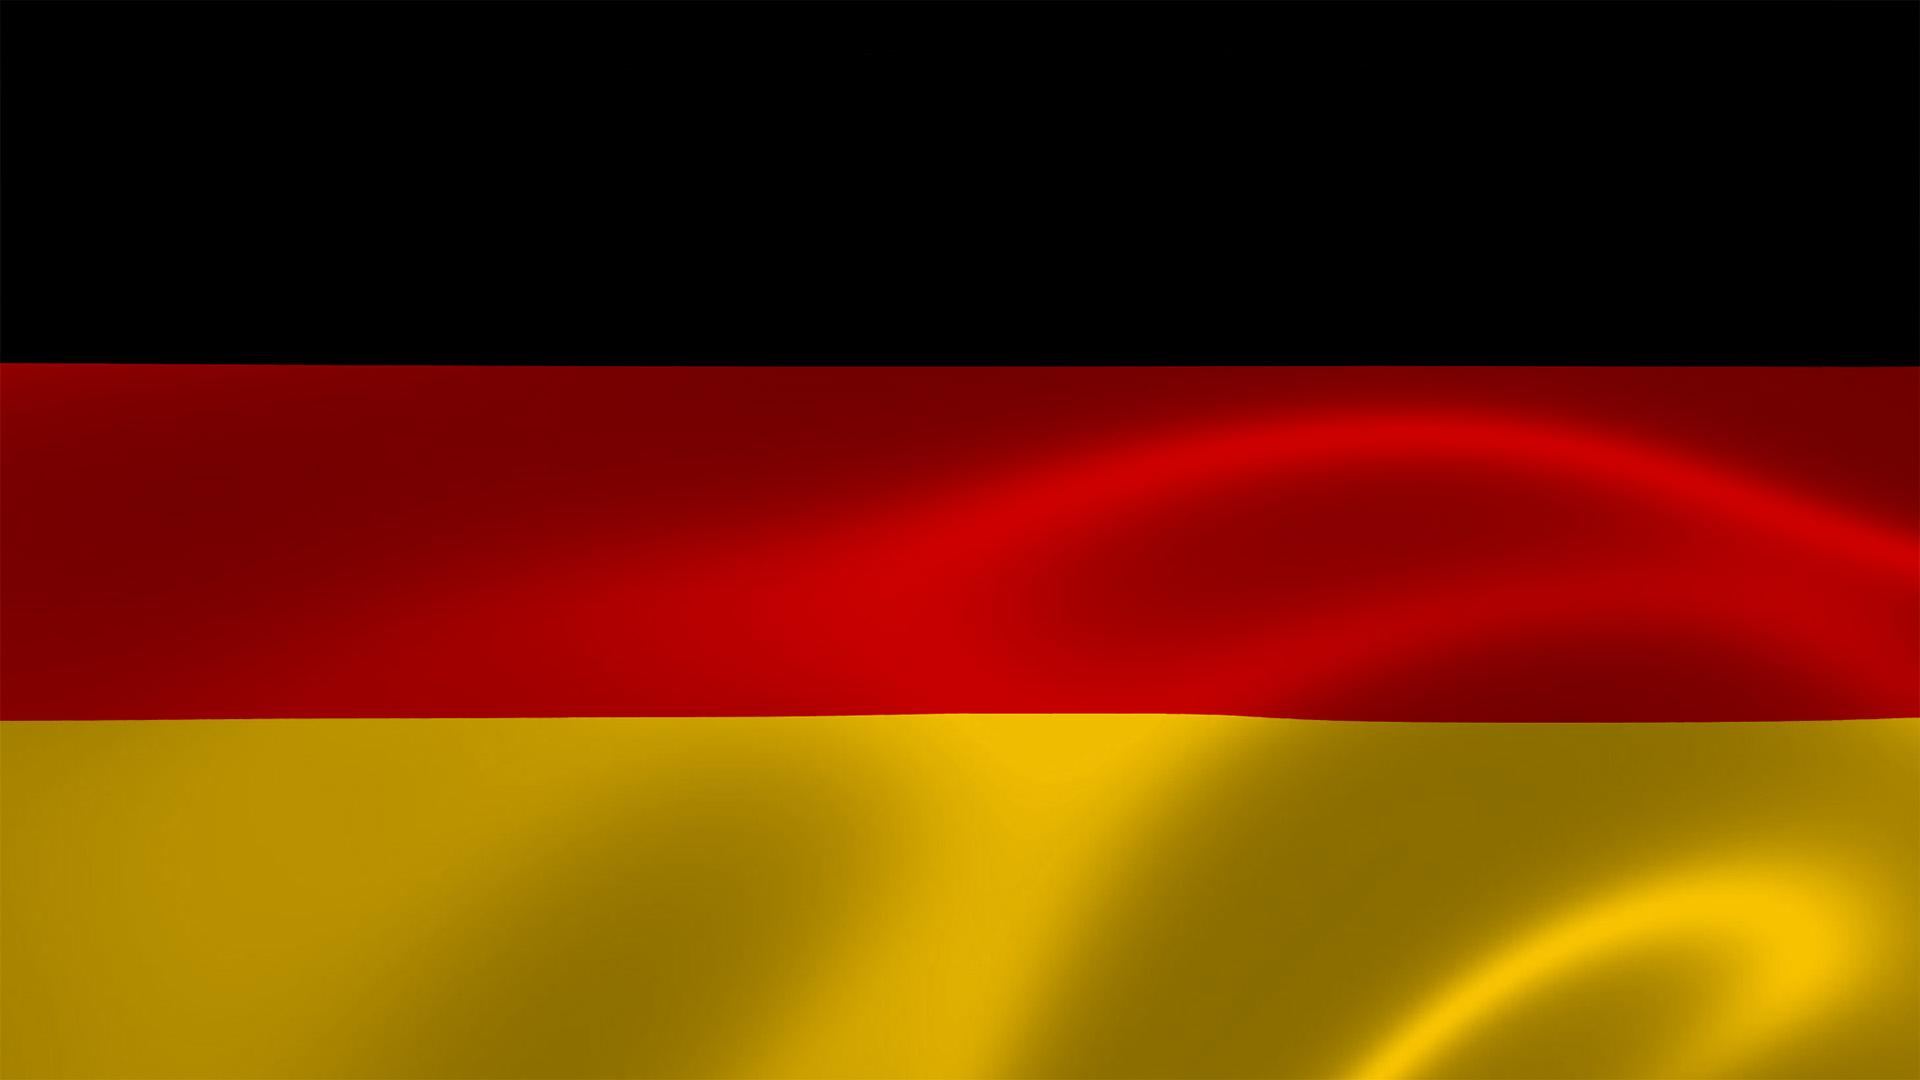 flagge deutschland hintergrundbilder. Black Bedroom Furniture Sets. Home Design Ideas